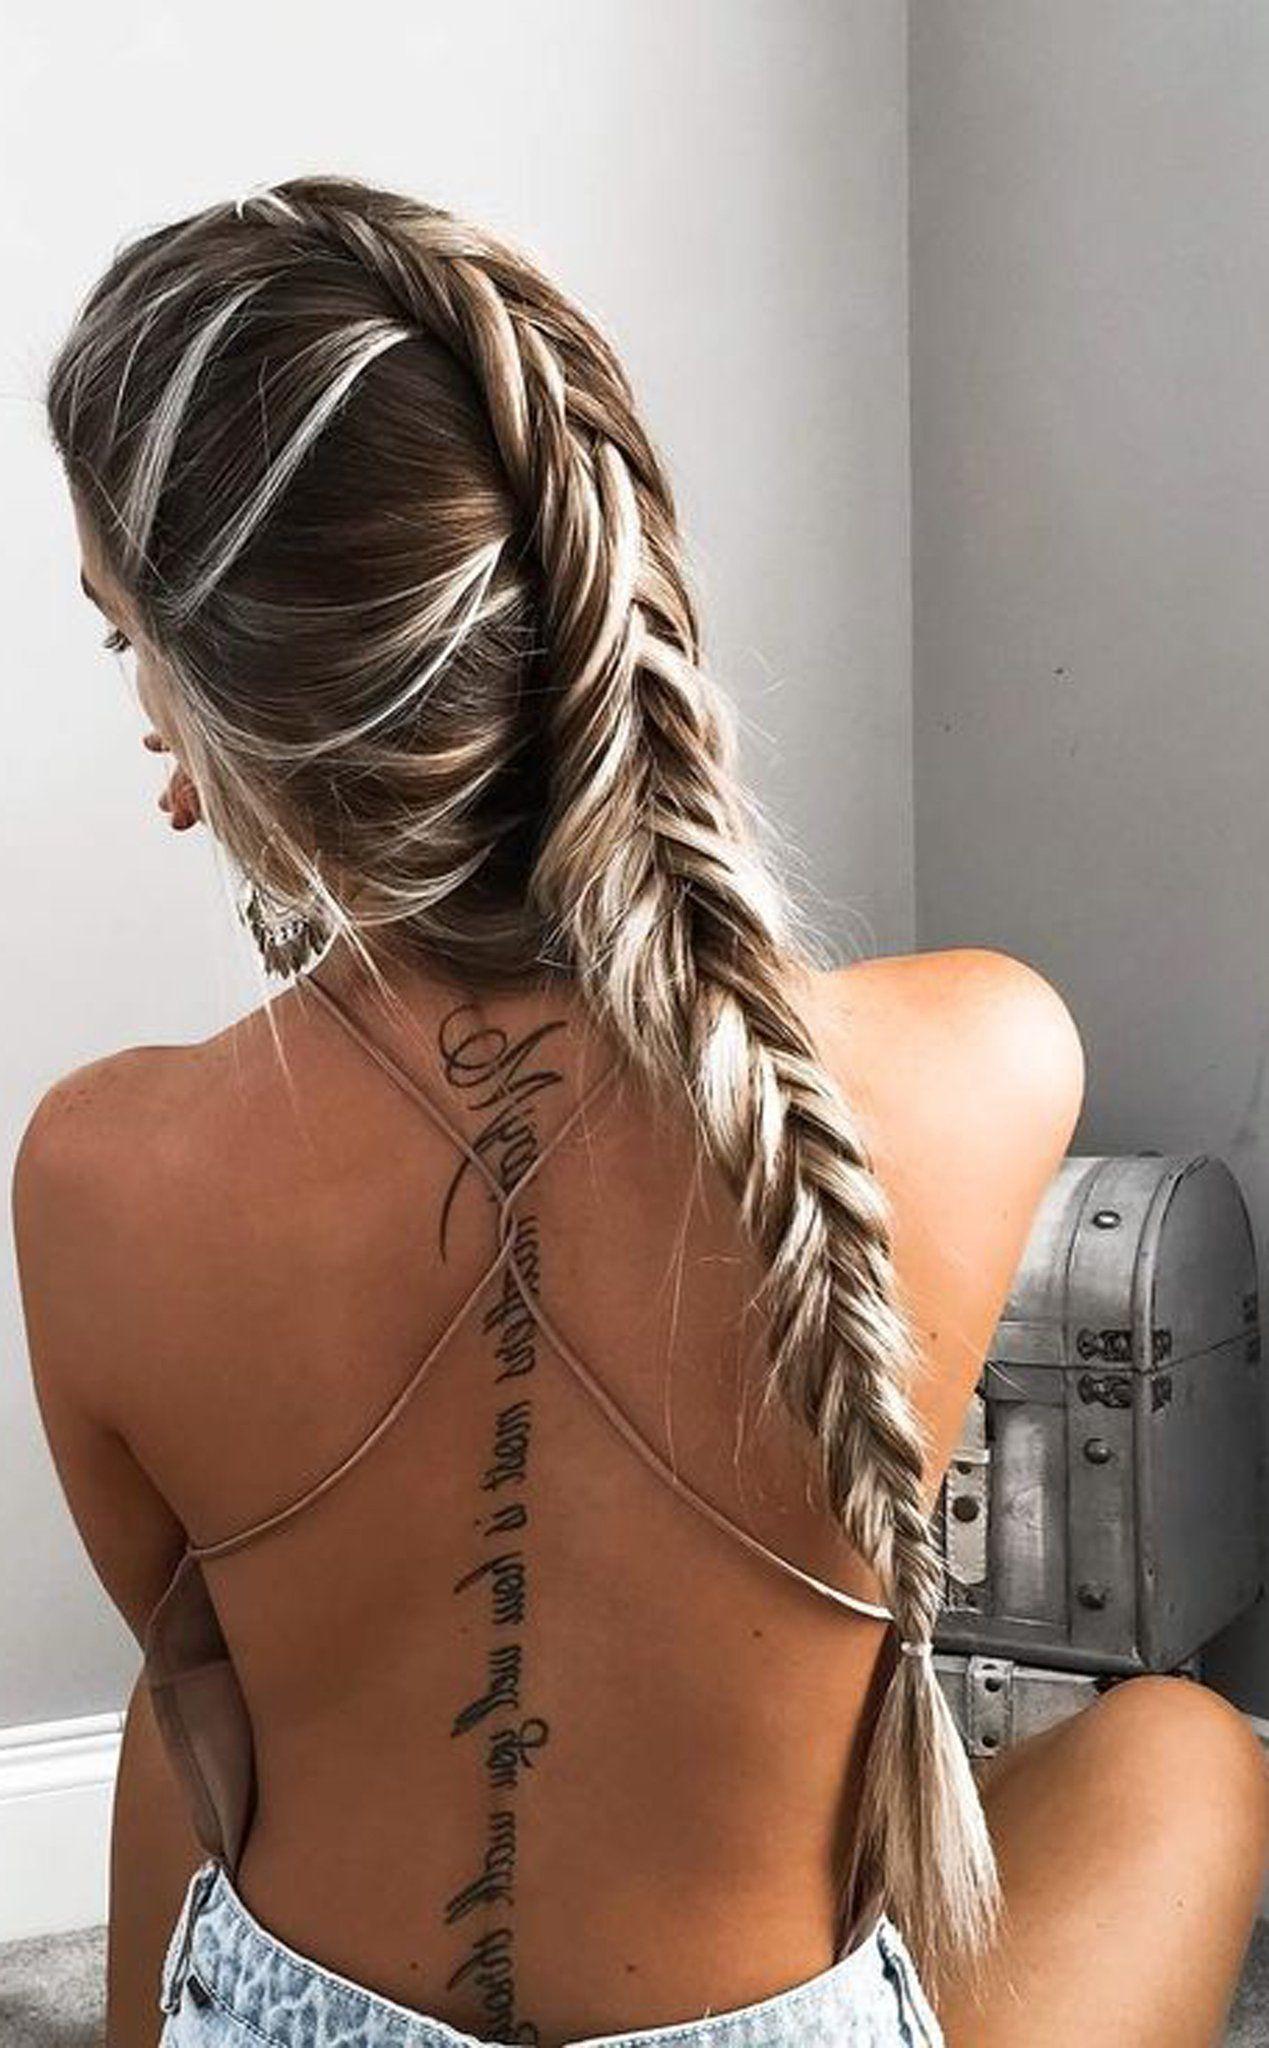 Pin On Tattoo Ideas-9347